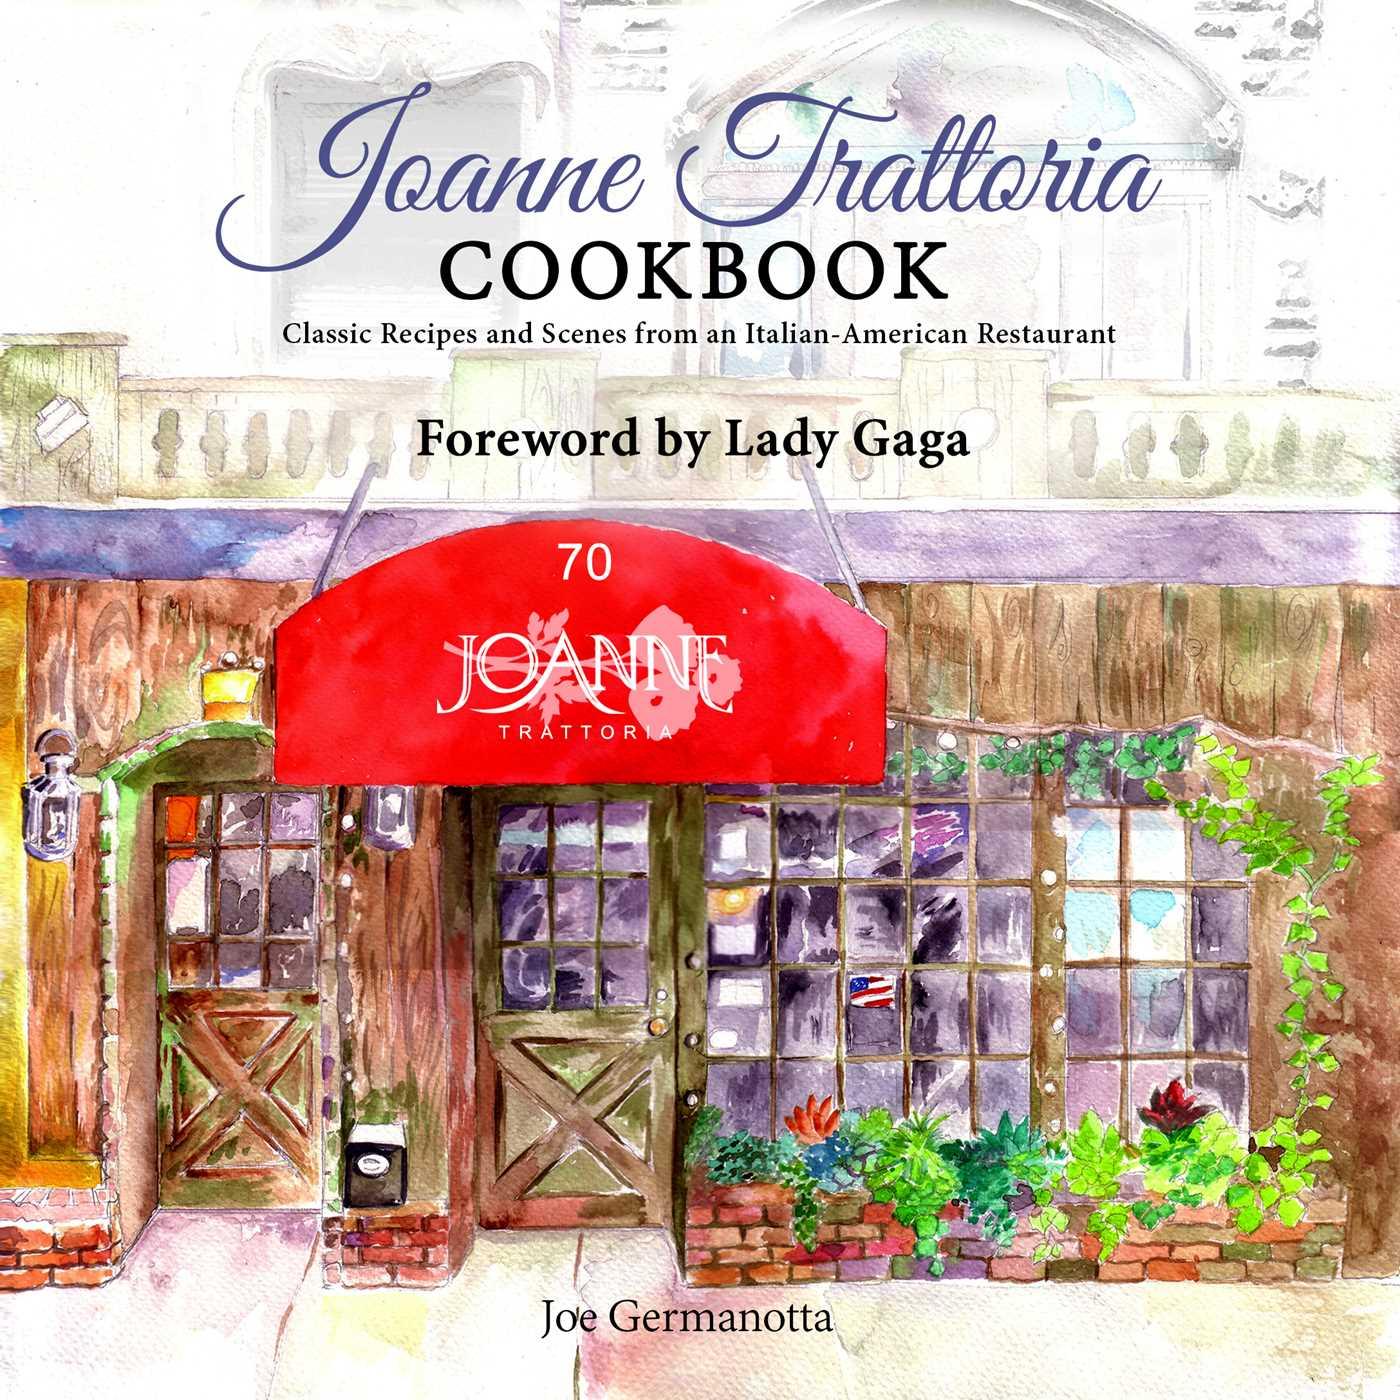 Joanne trattoria cookbook 9781682612583 hr